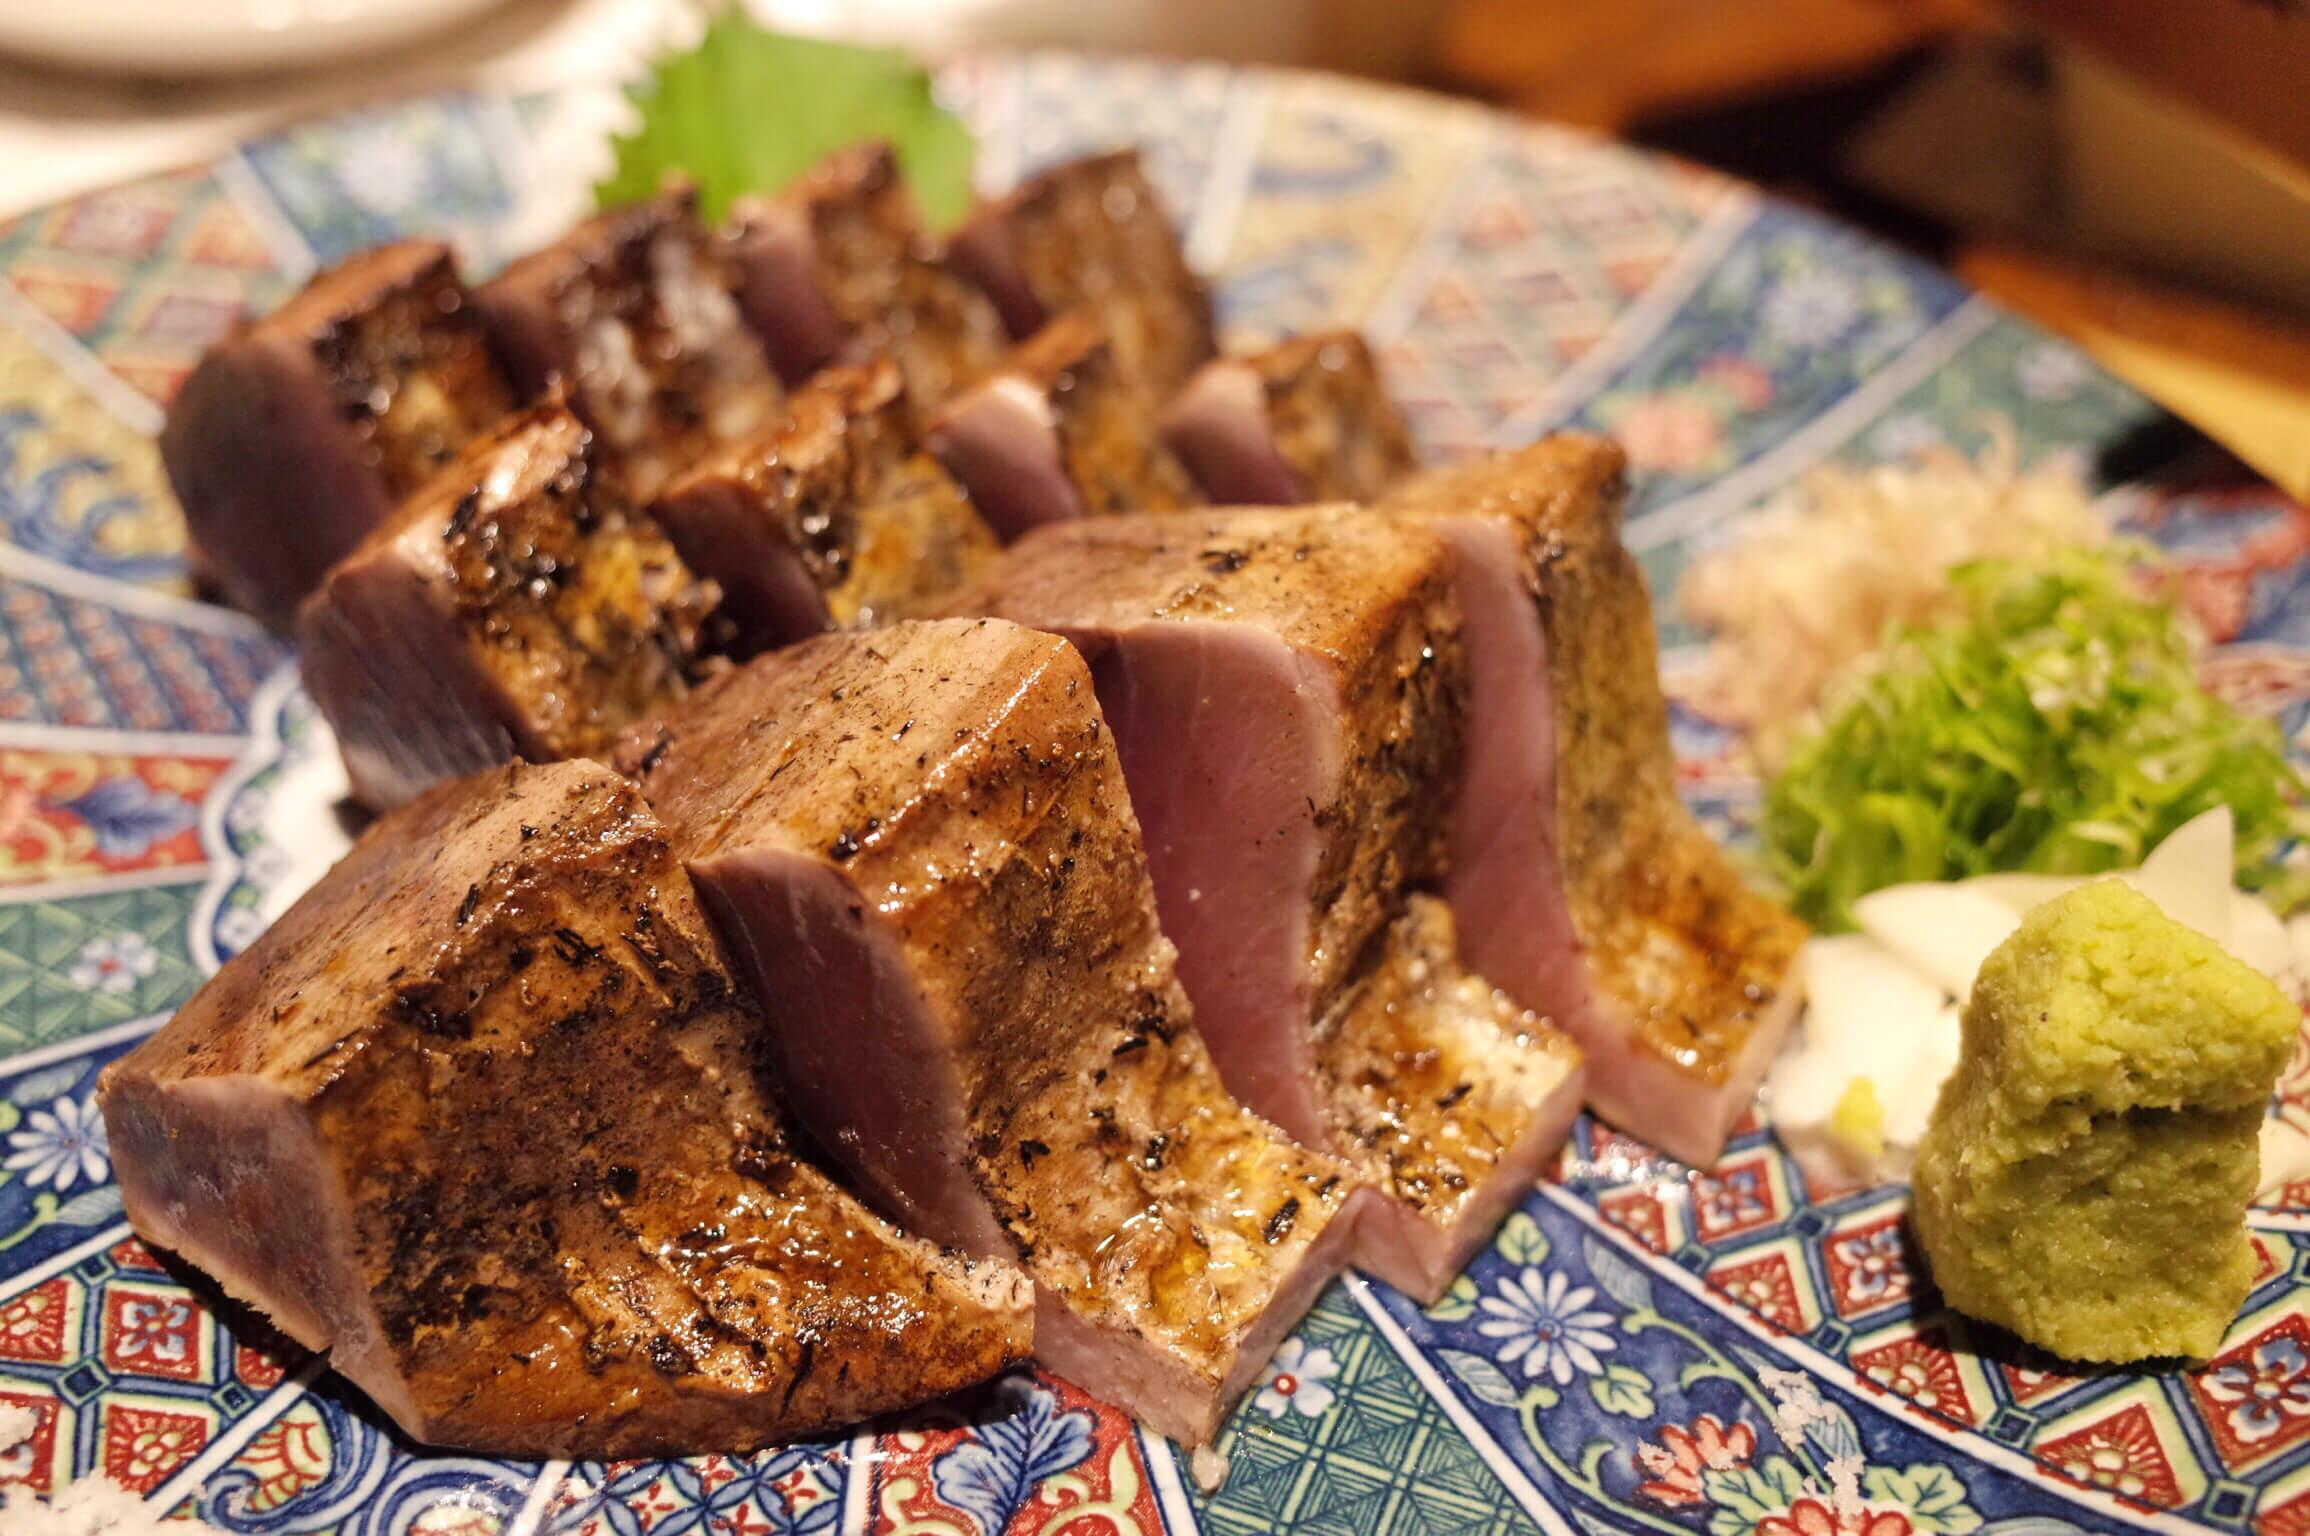 わらやき屋 六本木 〜 鰹のたたきが本格わら焼きでヤバいくらい旨い!土佐料理が楽しめてデートにもおすすめ